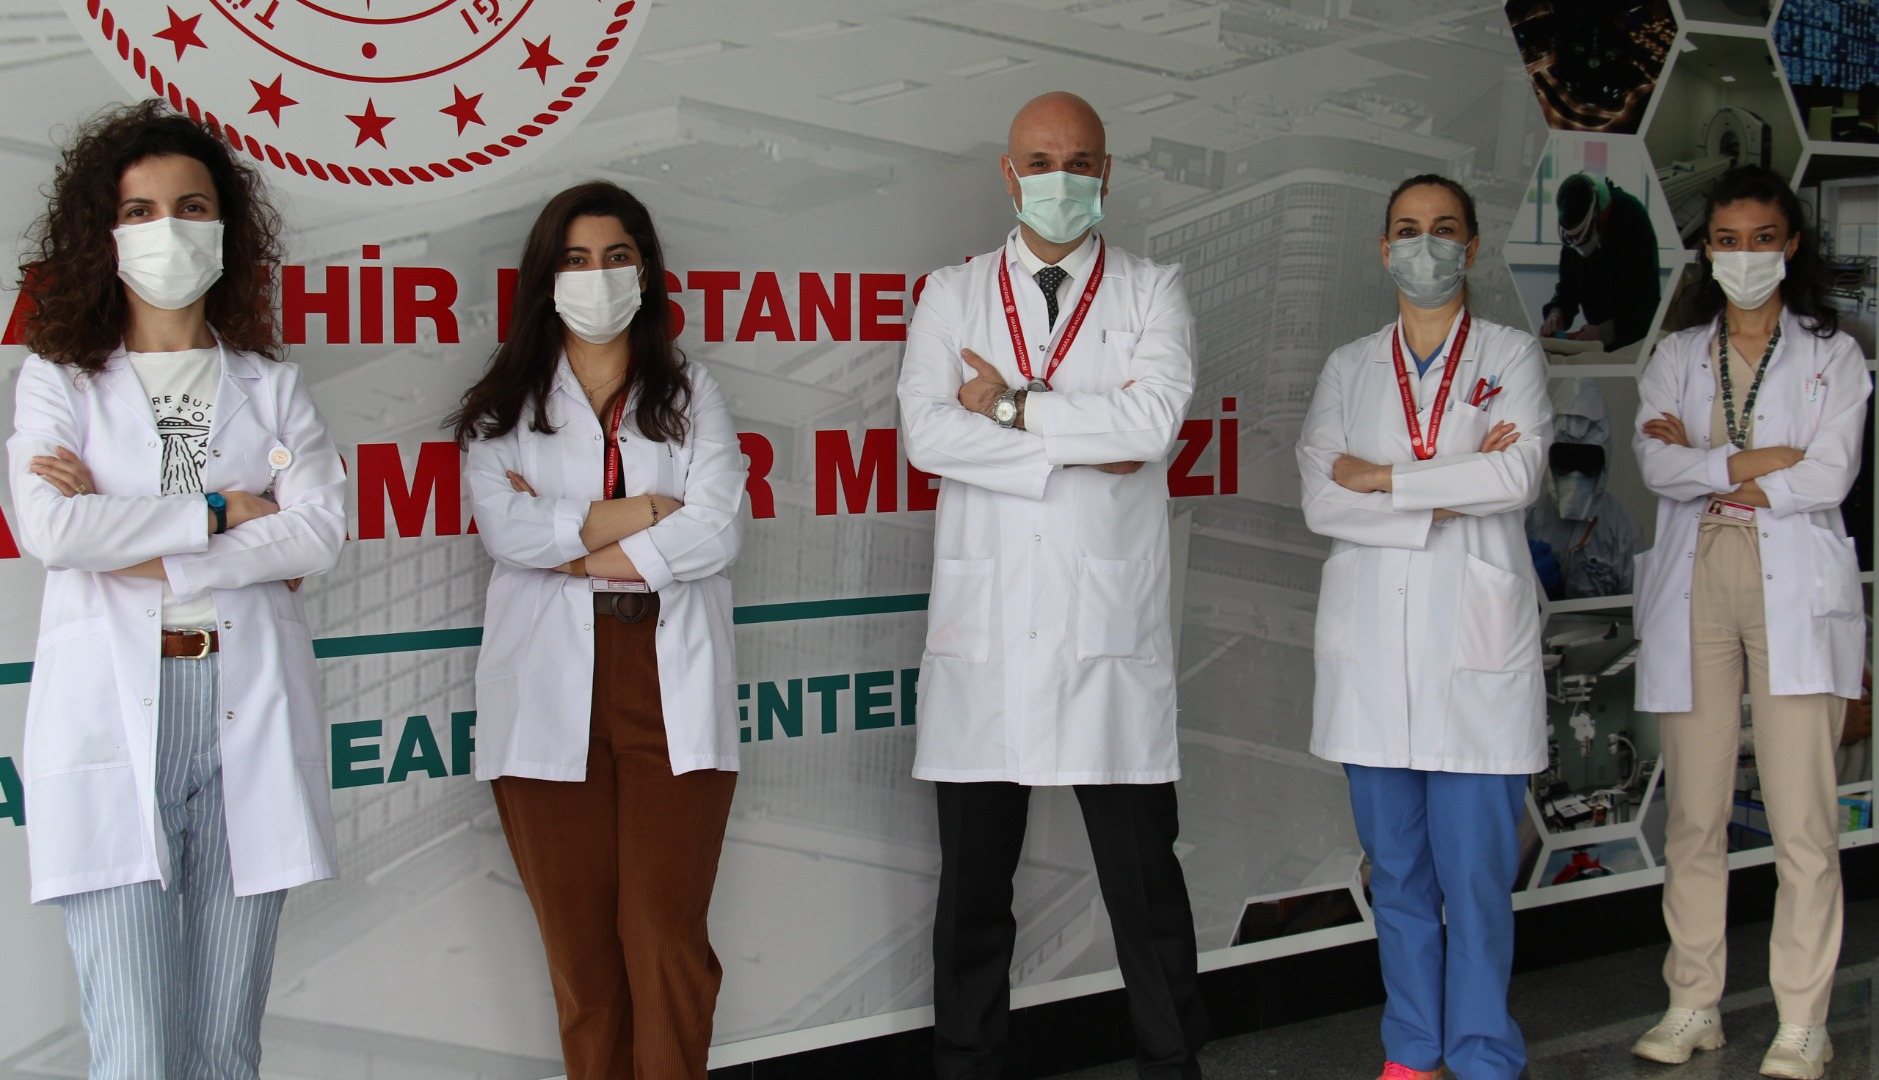 Yerli ve milli Covid-19 aşı adayının Faz-1 çalışmaları Türkiye'de bu merkezde